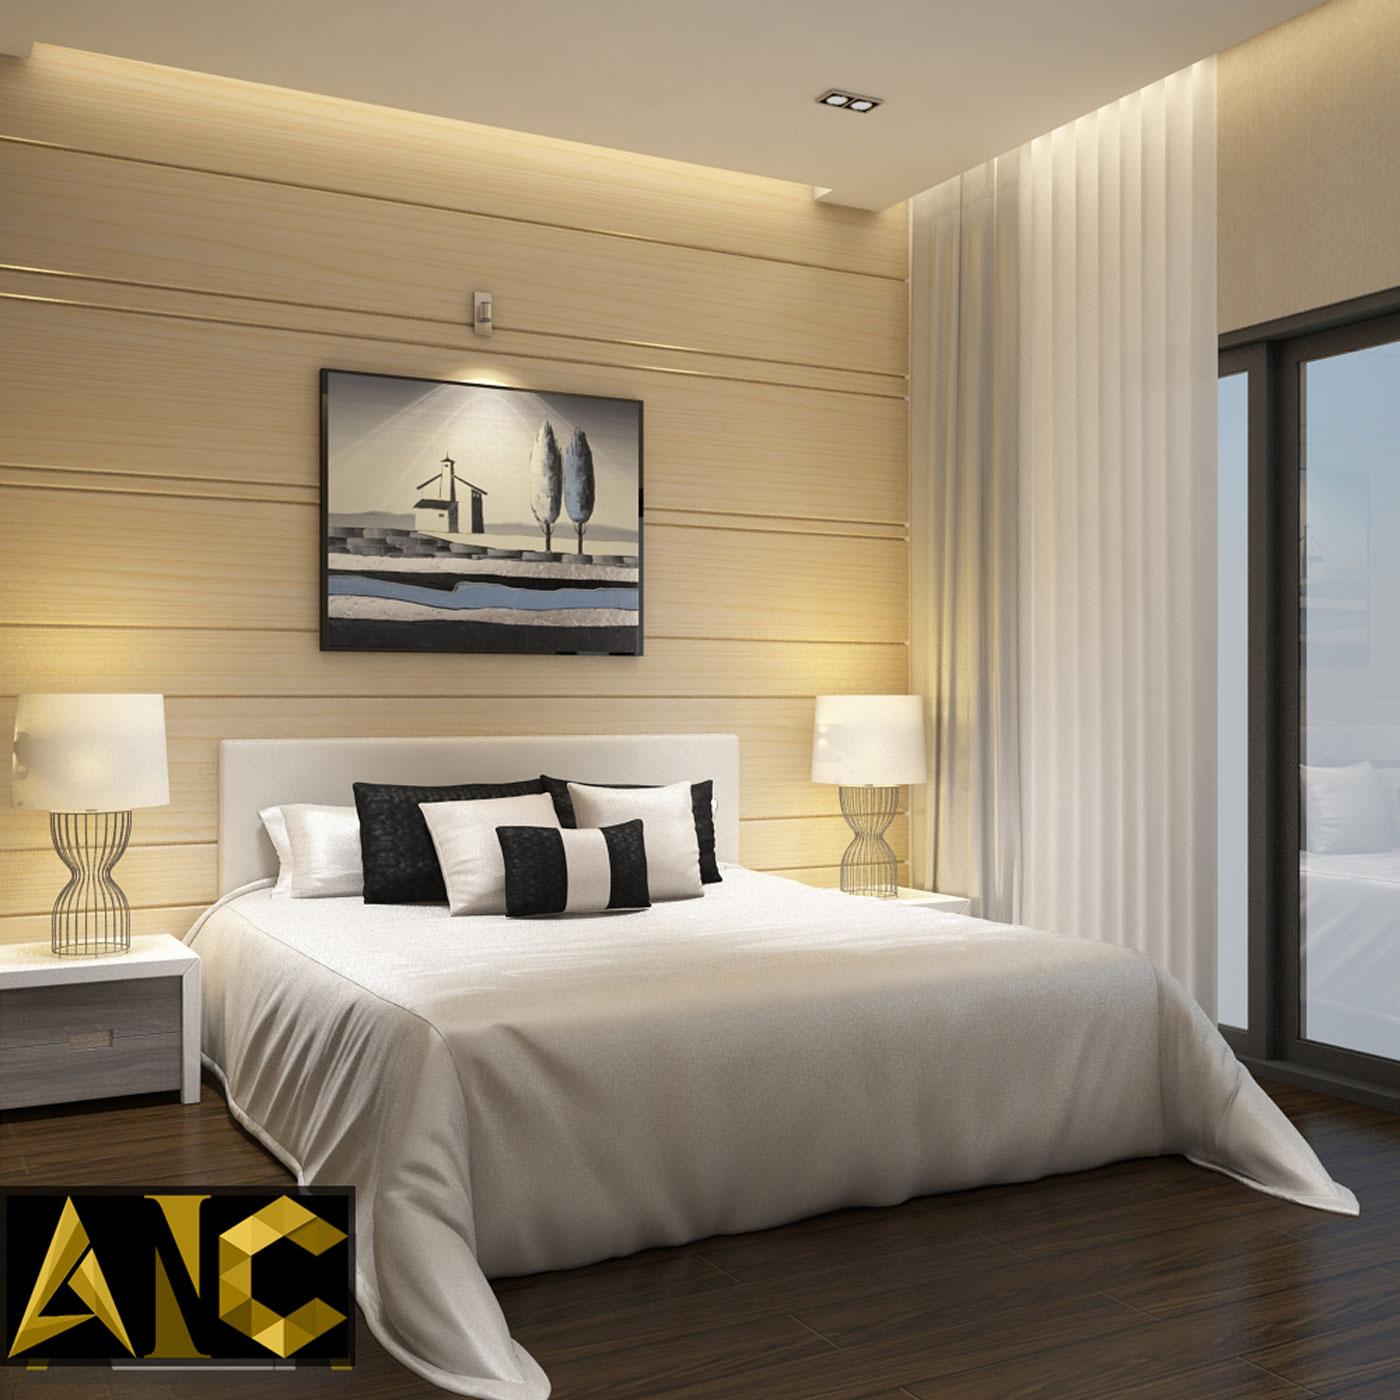 Cải tạo nhà phố Q7 - Phòng ngủ 2 view 2